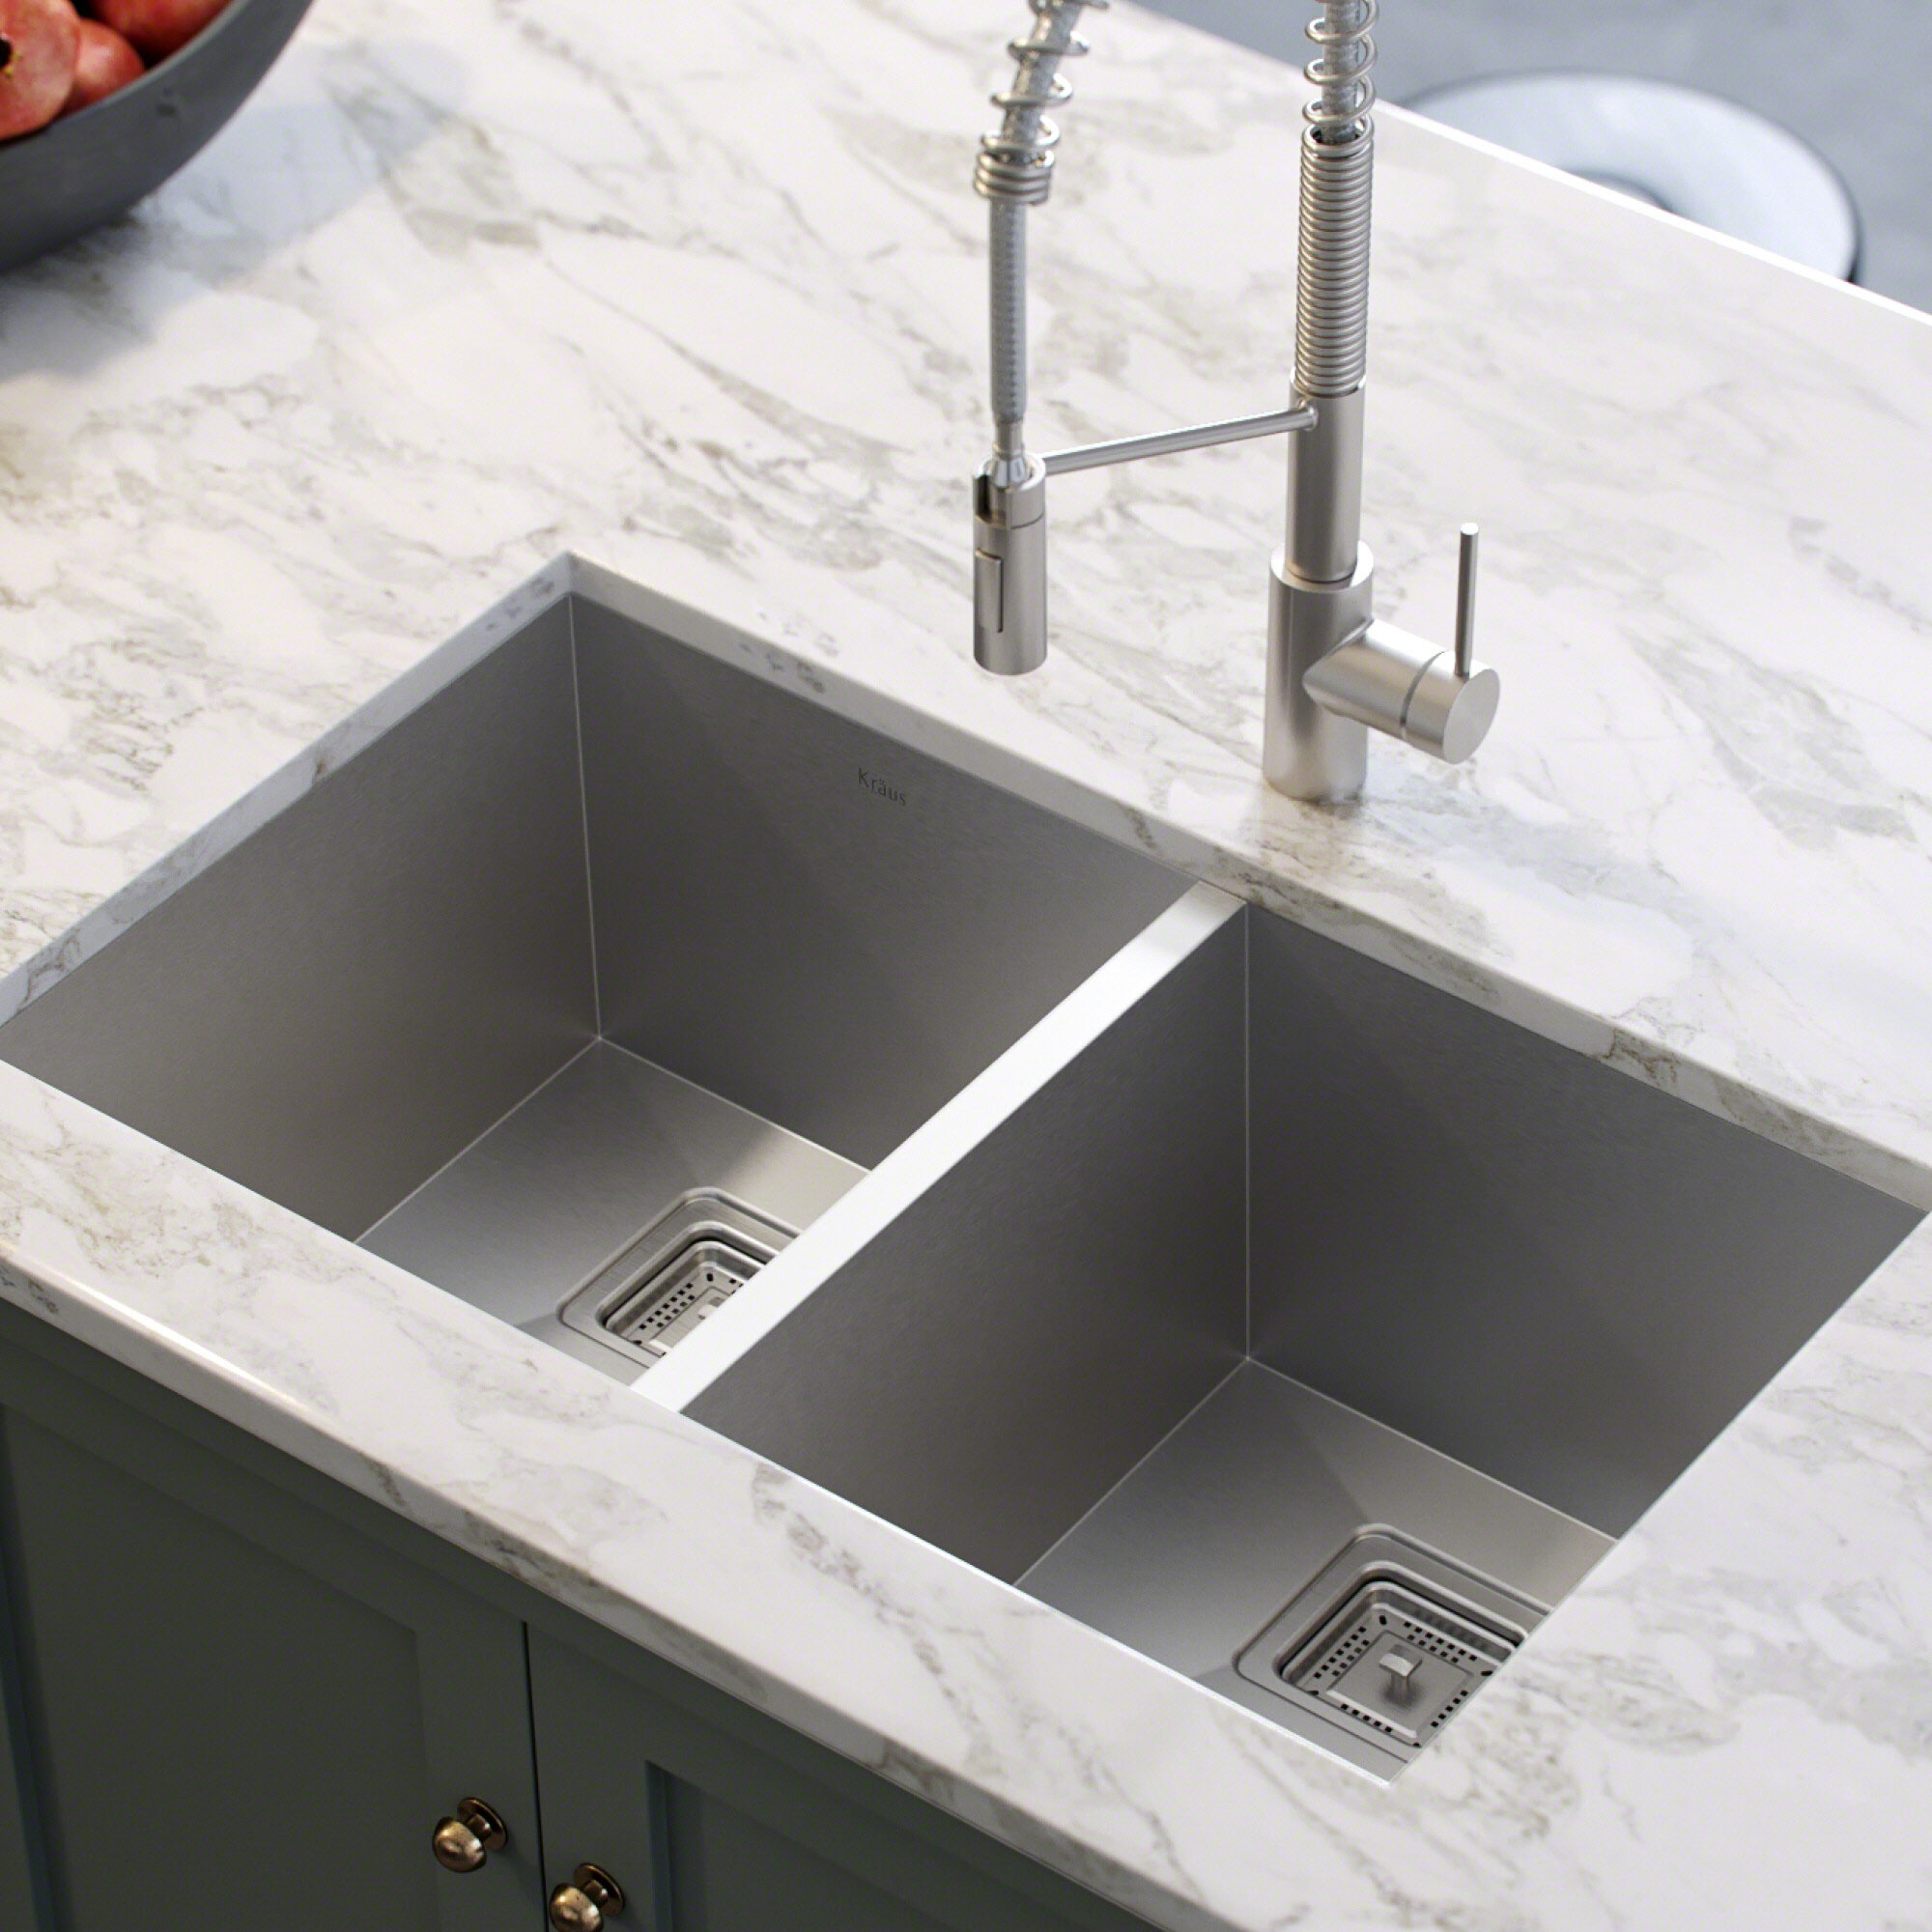 khu322 kraus pax 31 5 x 18 5 double basin undermount kitchen sink rh wayfair com double bowl corner kitchen sink undermount black undermount double kitchen sink